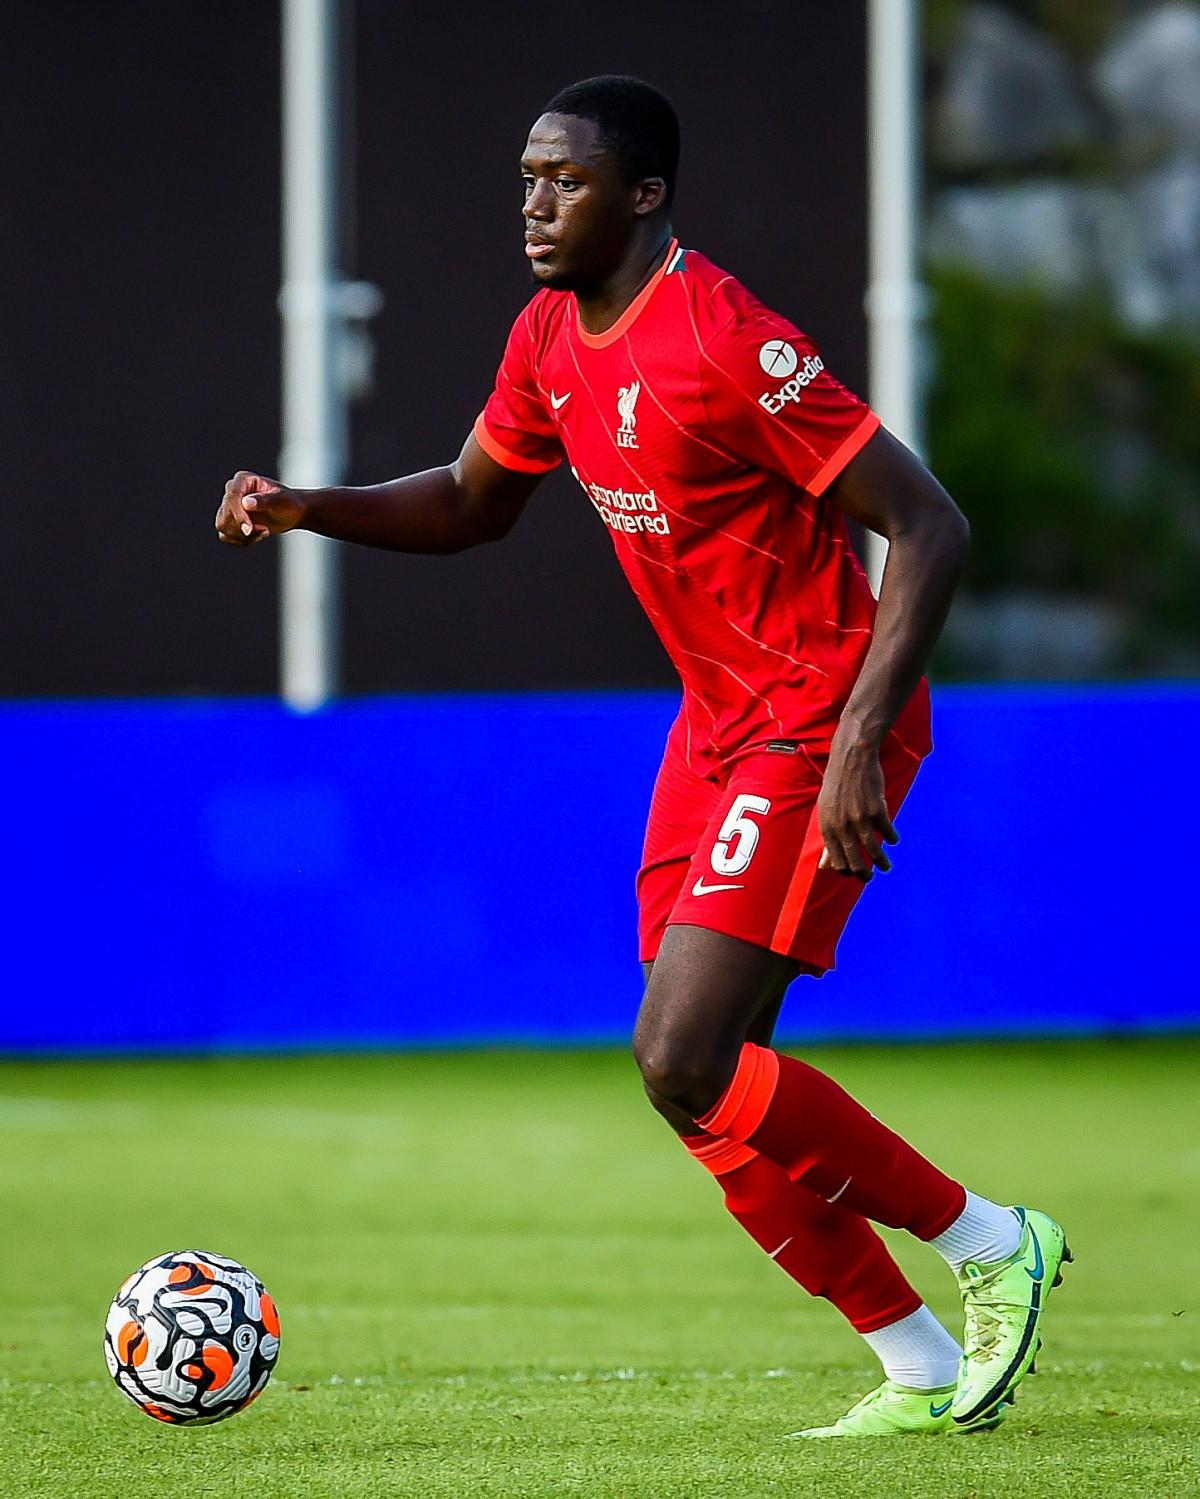 Liverpool đã phải chi 36 triệu Bảng để có được Ibrahima Konate từ RB Leipzig ở kỳ chuyển nhượng hè này.